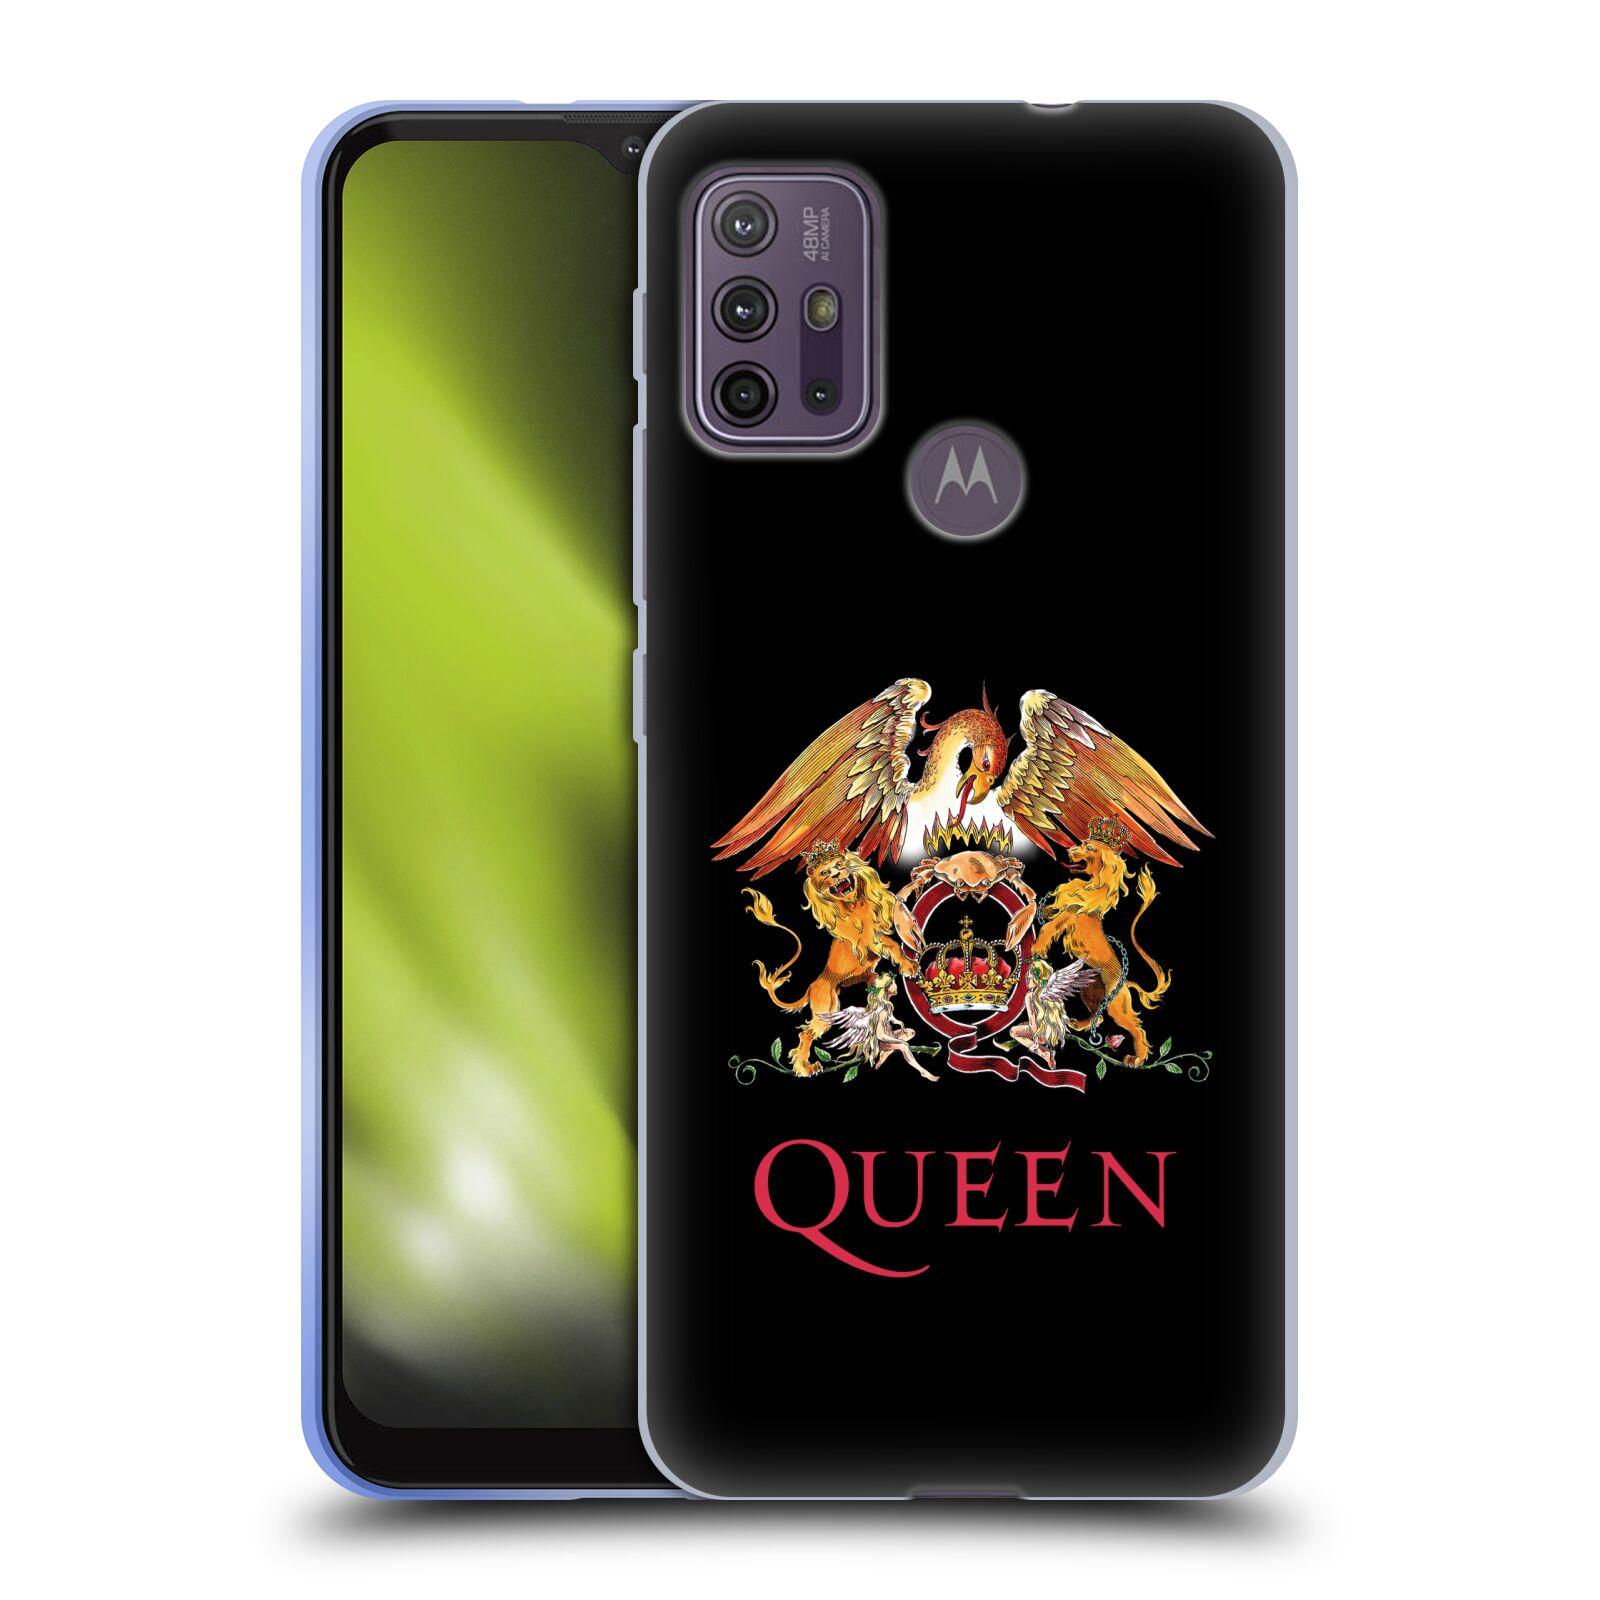 Silikonové pouzdro na mobil Motorola Moto G10 / G30 - Head Case - Queen - Logo